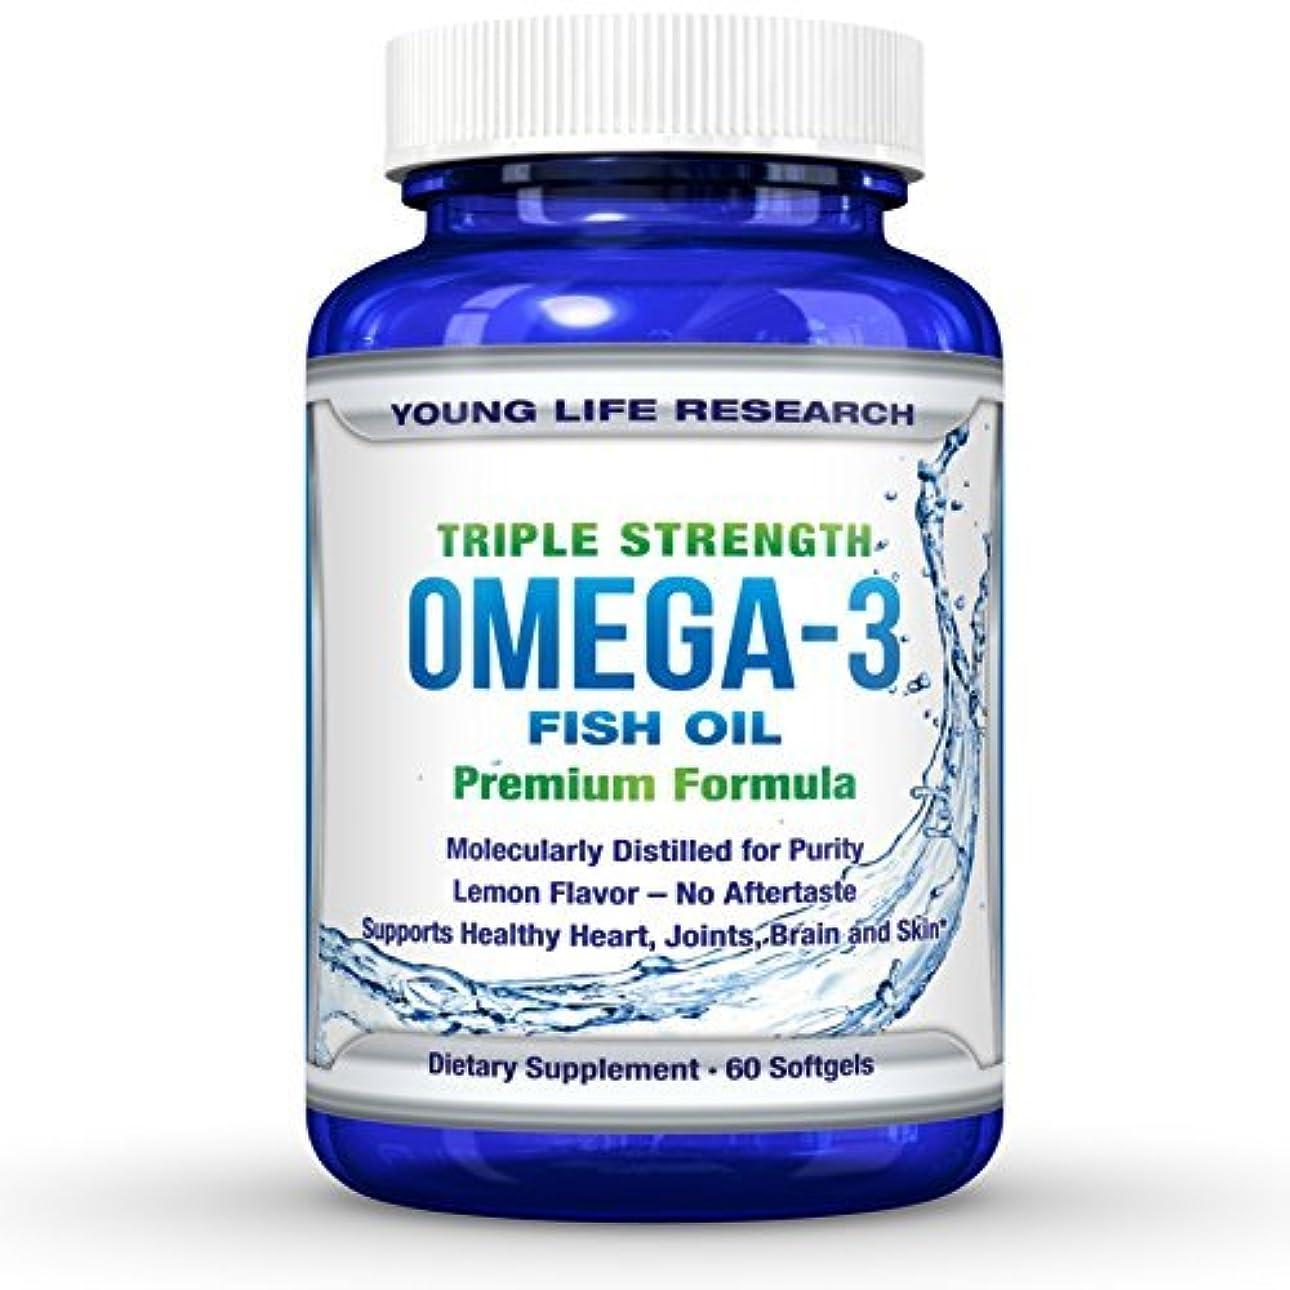 逃げるりんごコミットFISH OIL OMEGA 3 - Triple Strength Ultra-Purified Professional Grade - By Young Life Research by Young Life Research...